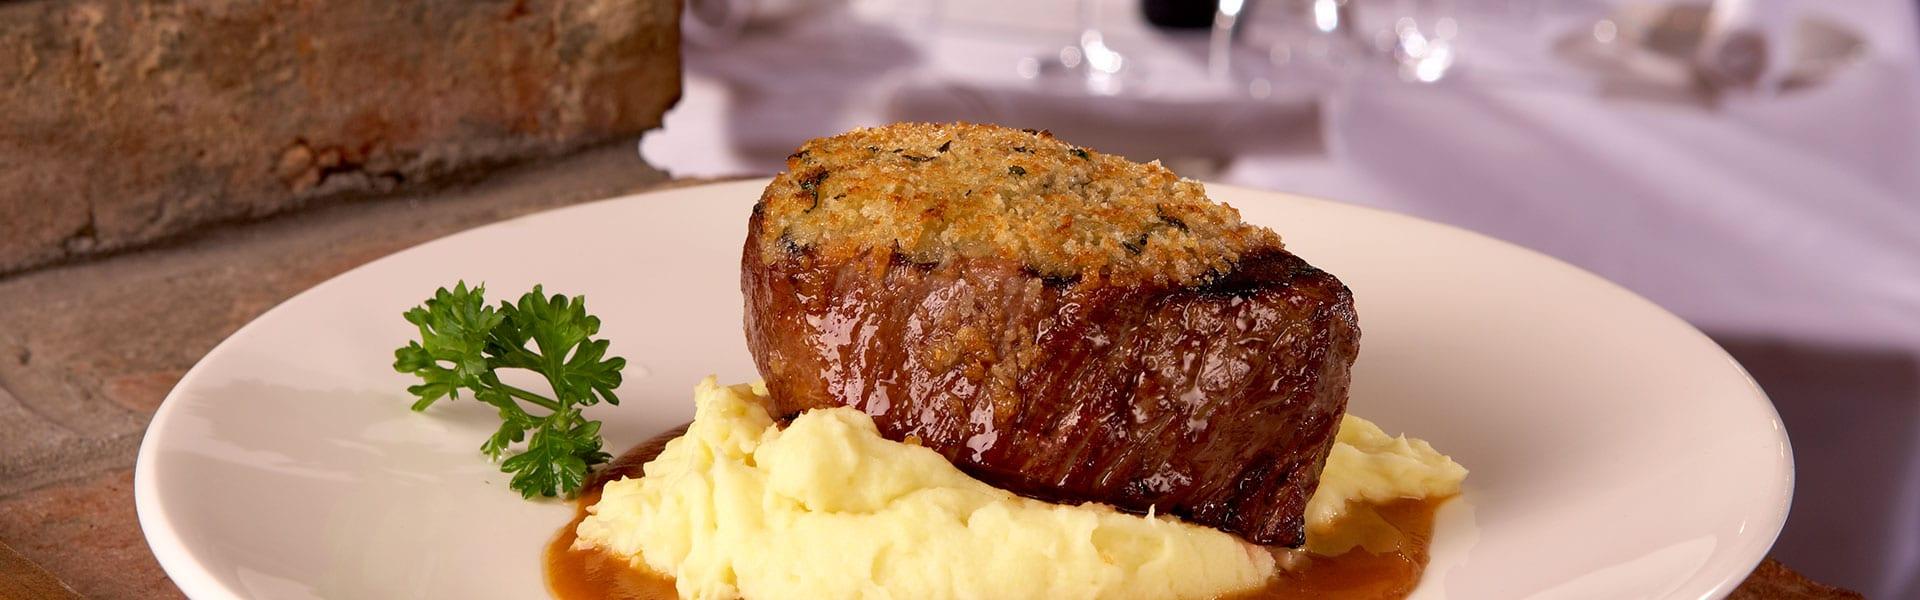 Ken S Steak House Steak House In Framingham Ma